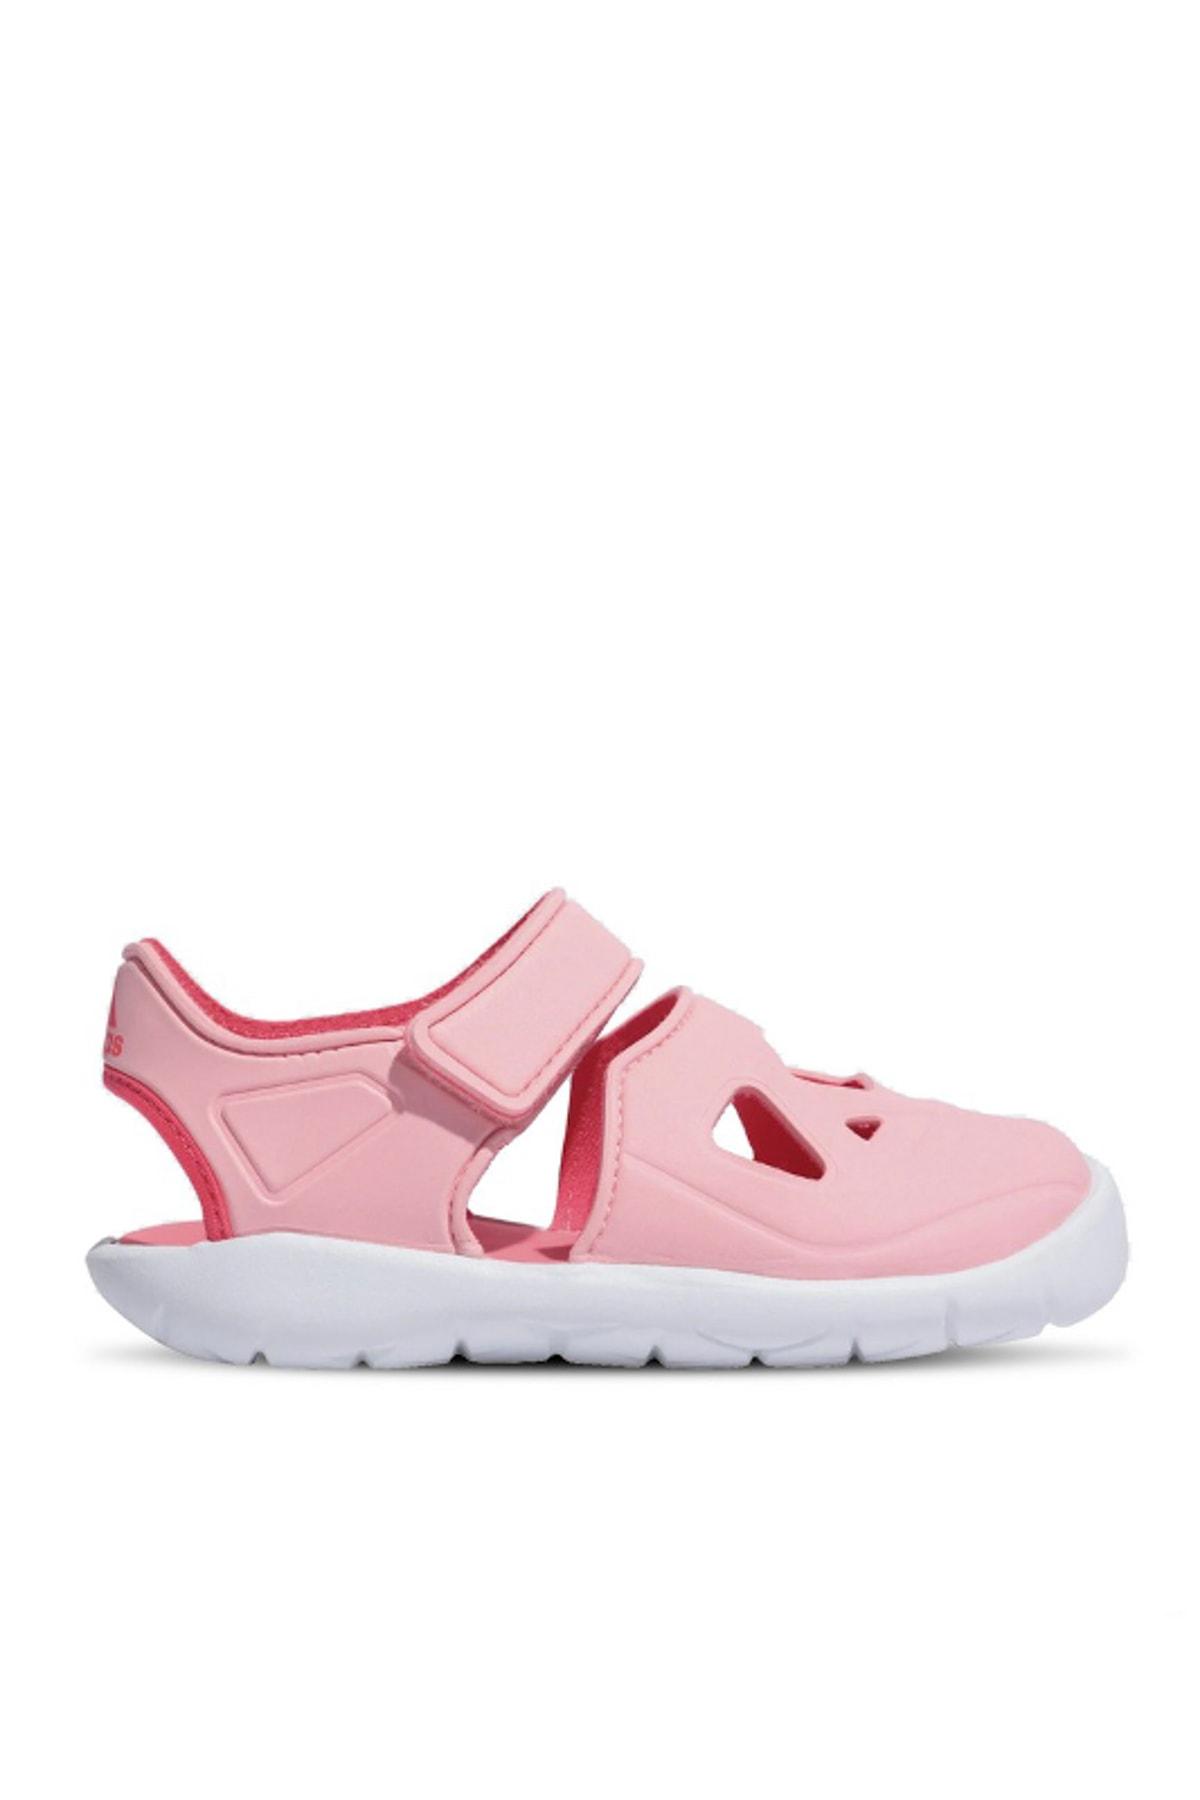 FORTASWIM 2 C Pembe Kız Çocuk Sandalet 101117775